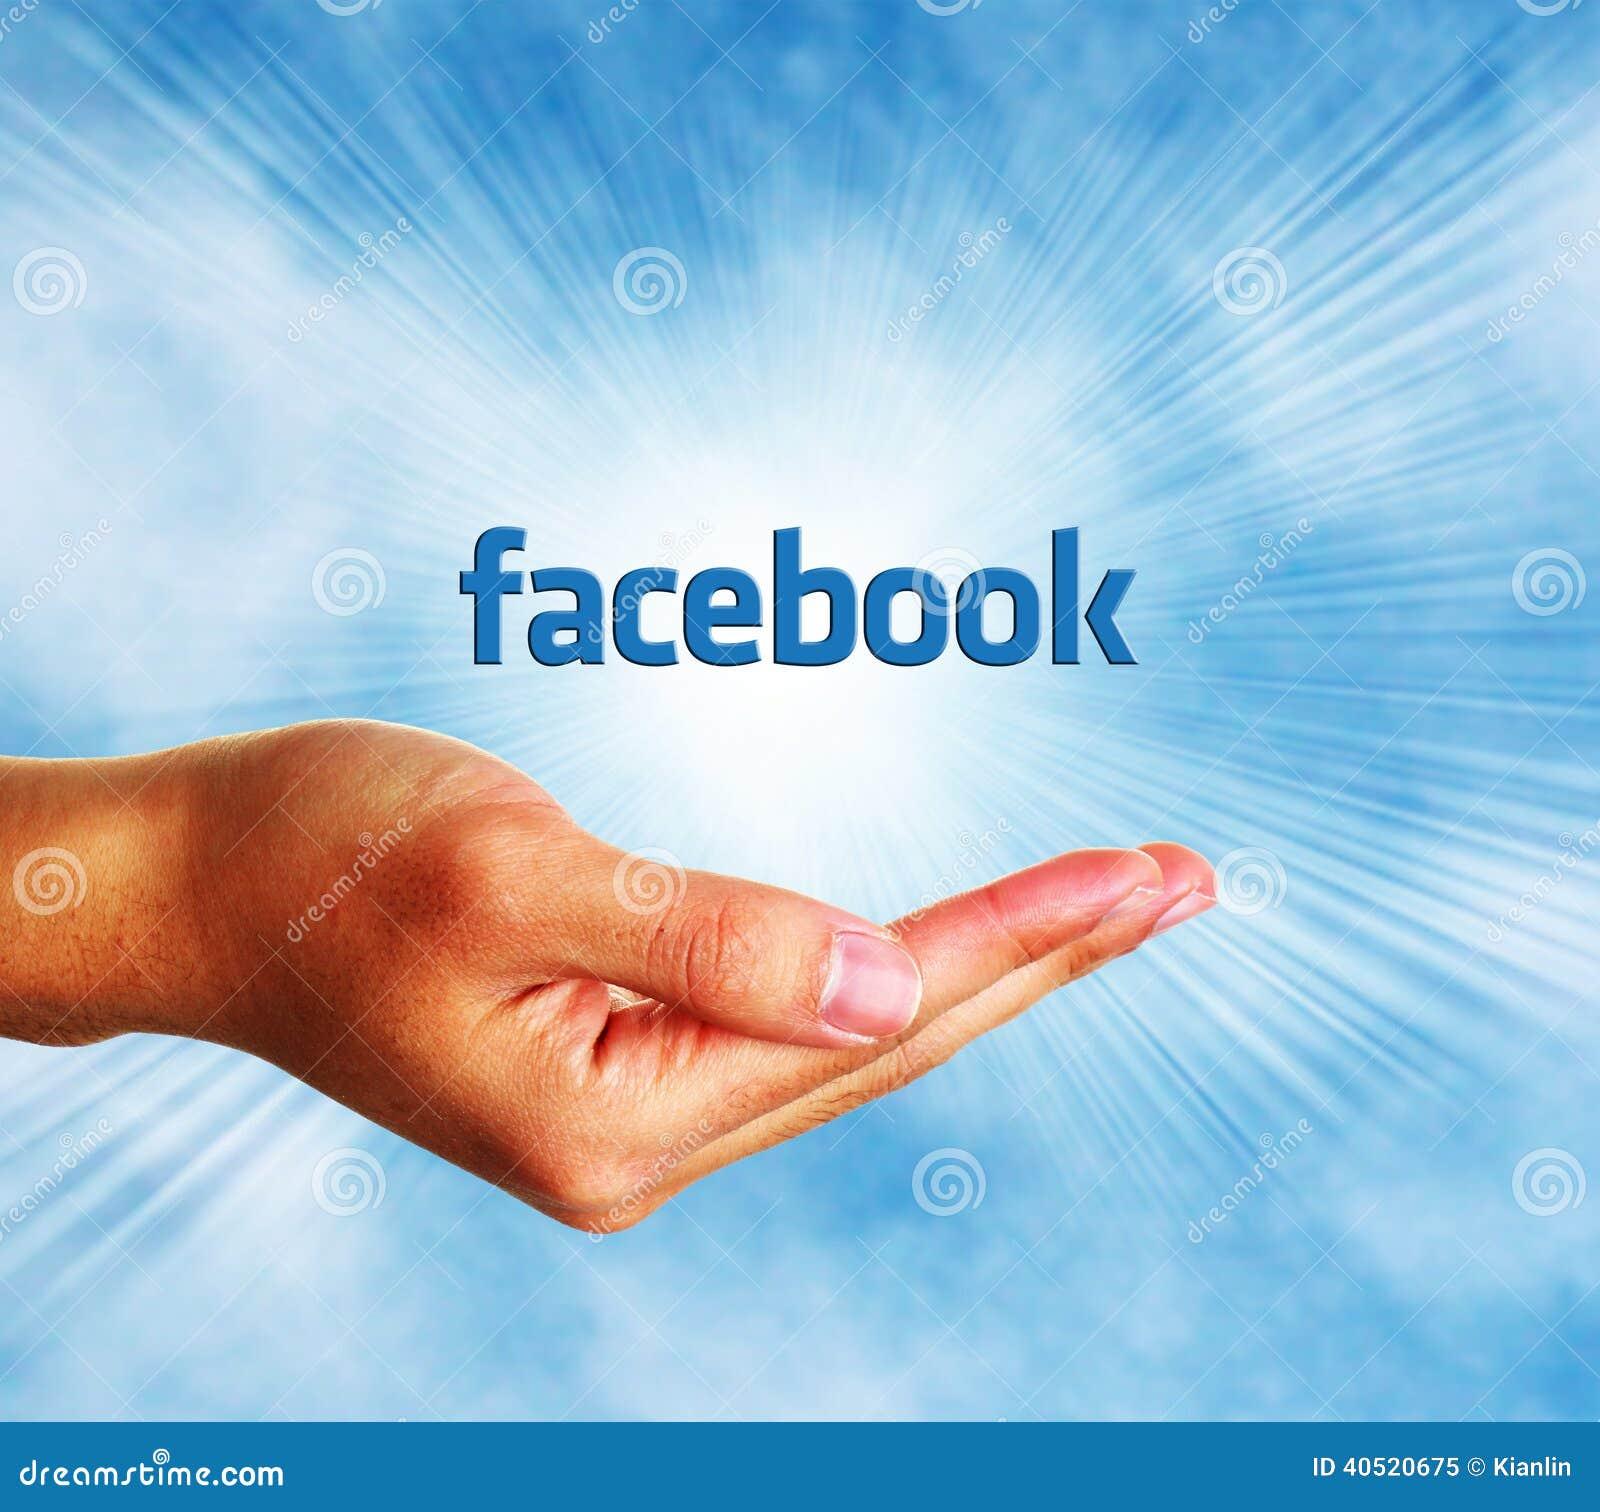 Facebook Concept